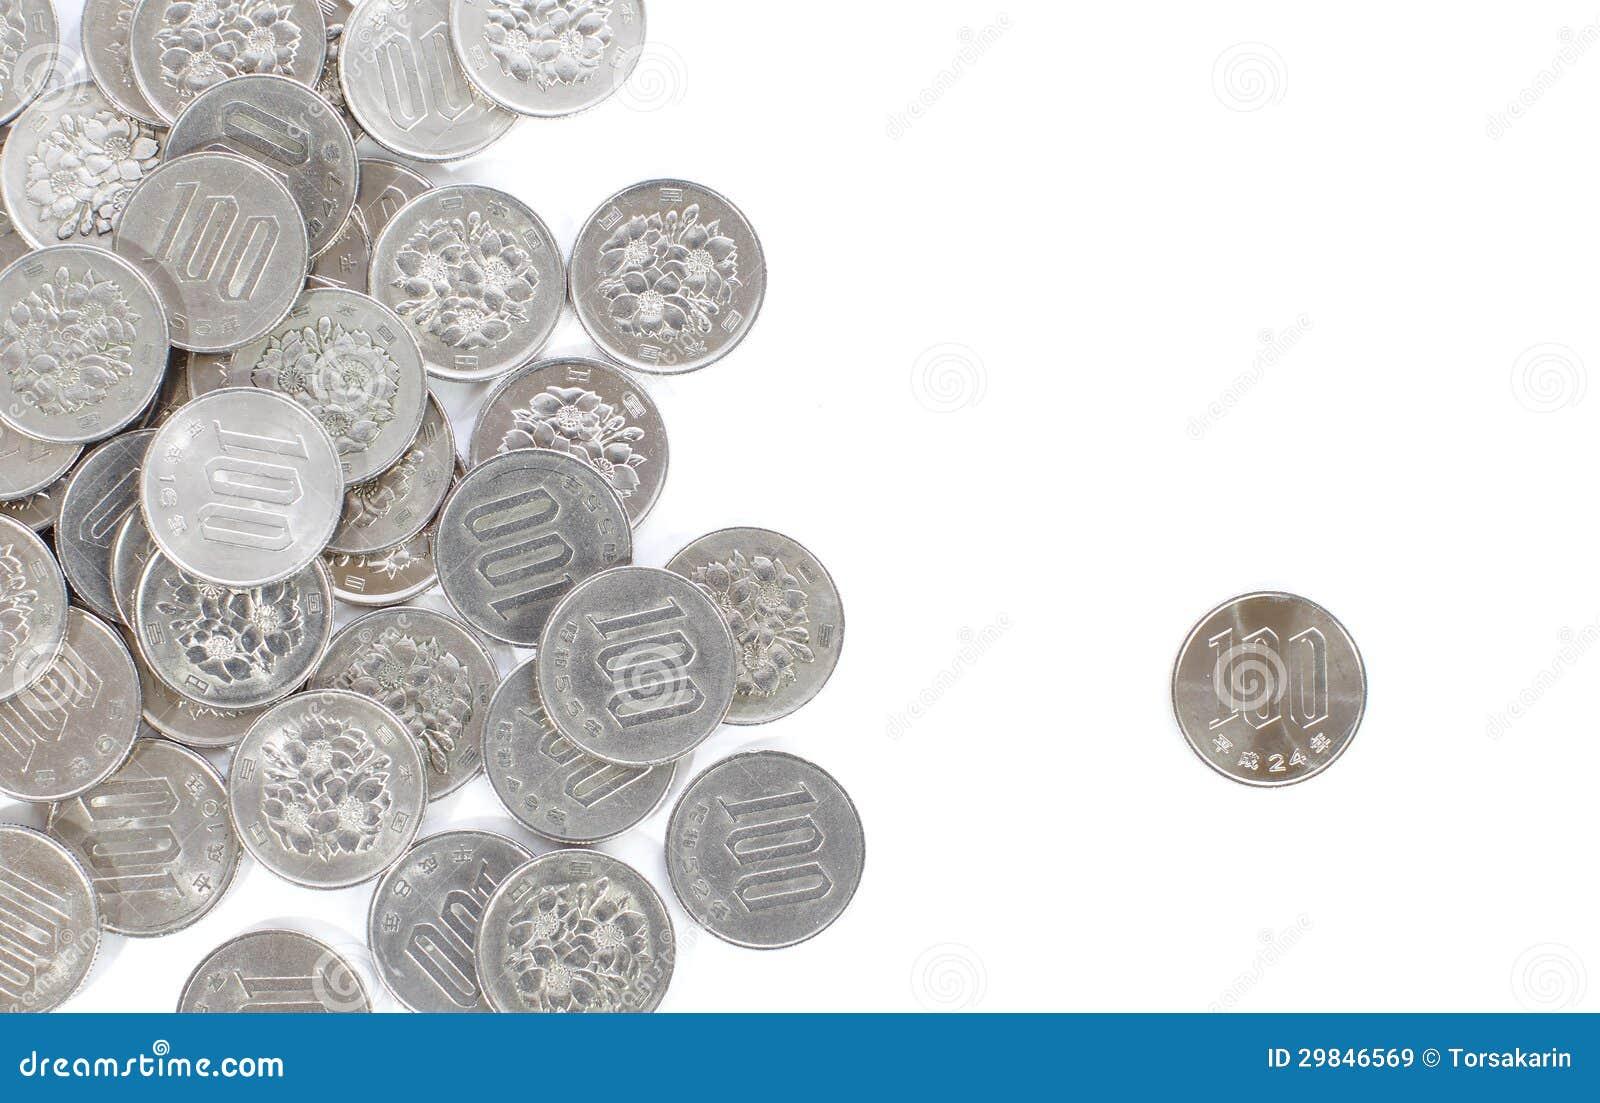 Moeda de 100 ienes japoneses isolada no fundo branco